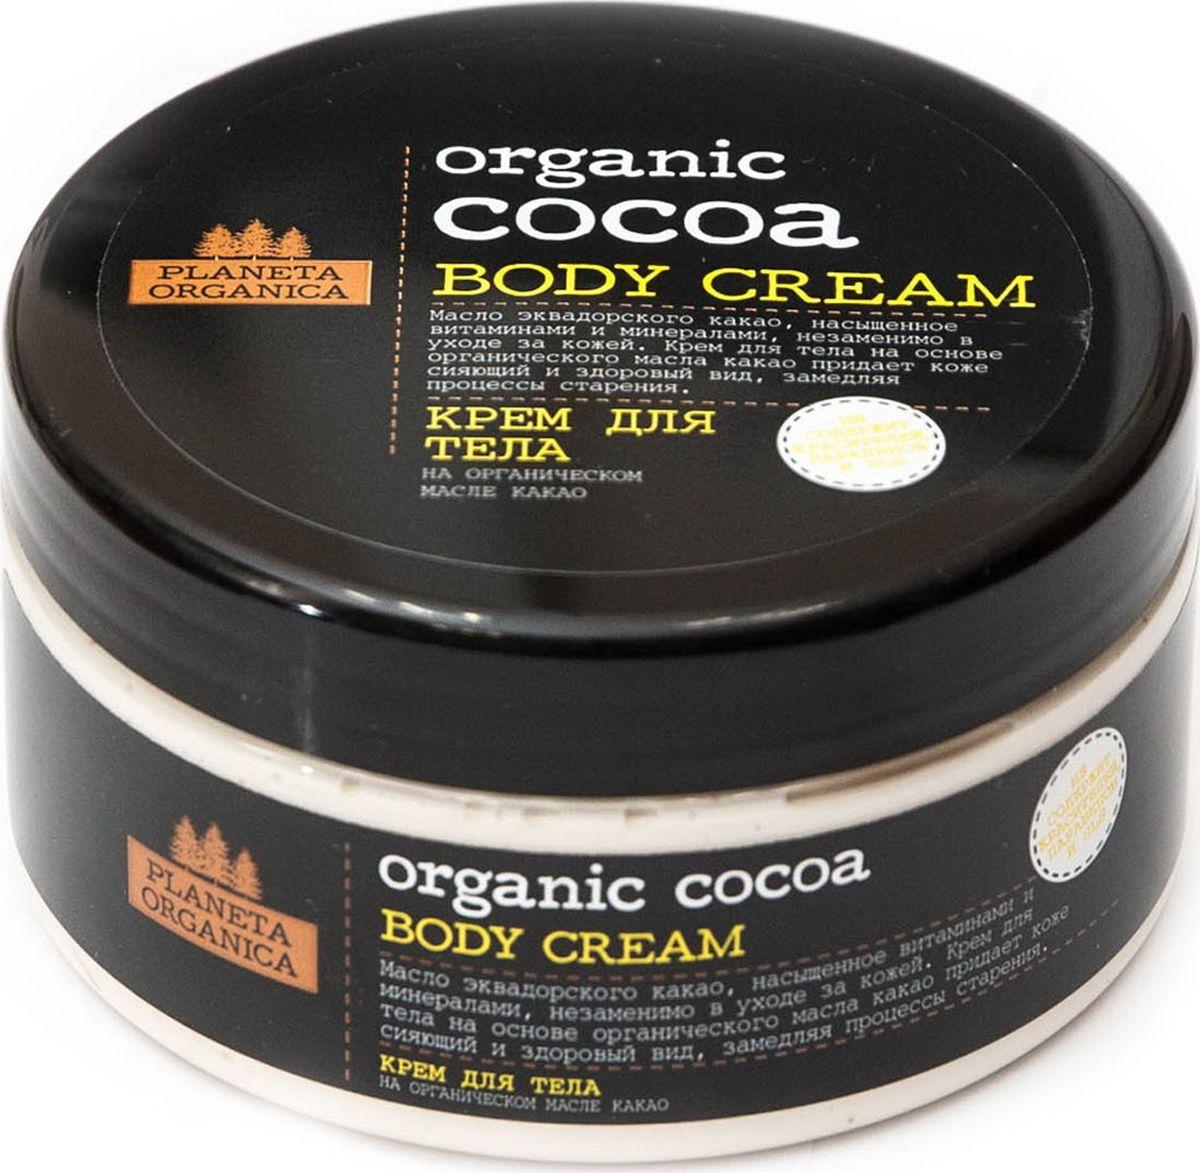 Planeta Organica крем для тела Органик Какао, 300 мл071-2-1349Крем для тела на основе органического масла эквадорского какао подарит коже сияющий и здоровый вид, надолго восстанавливая оптимальный уровень увлажненности. Мгновенно впитывается и придает эластичность, замедляя процесс старения.